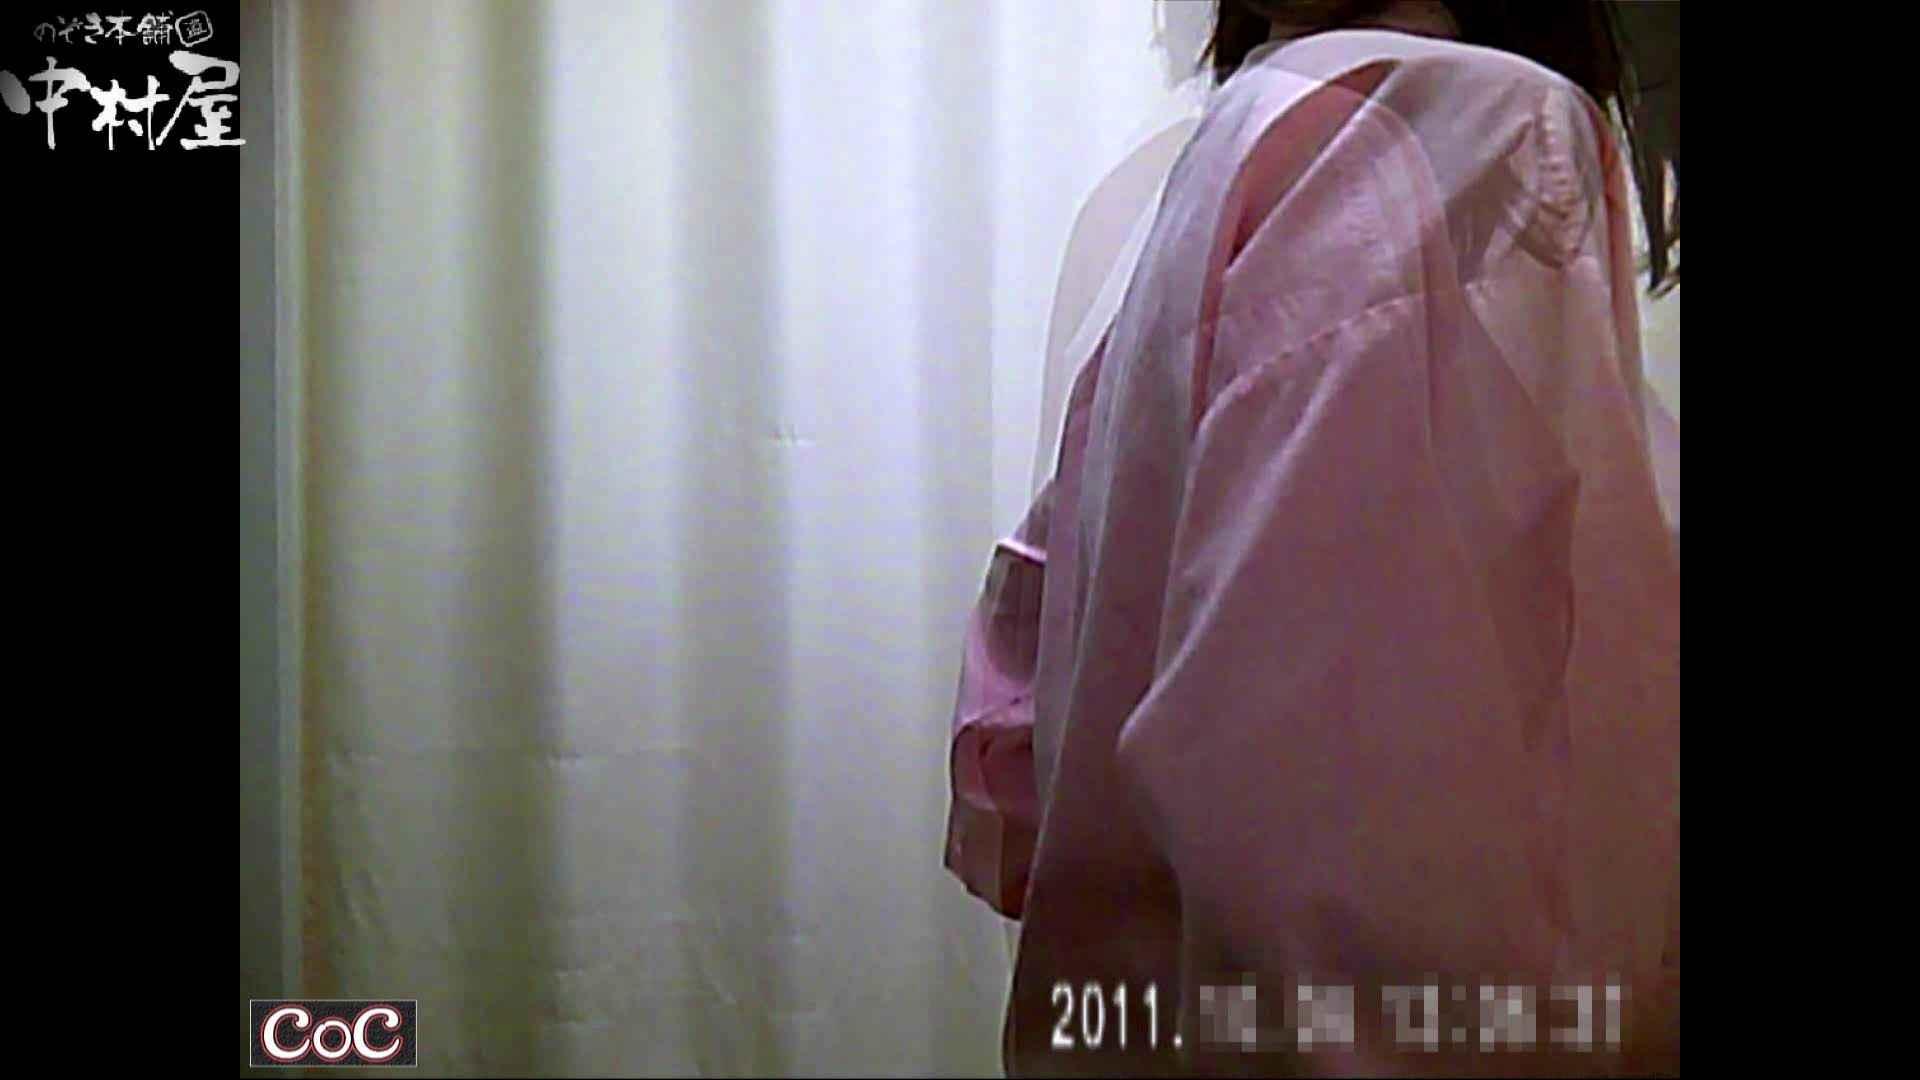 激ヤバ健康診断!着替えの一部始終.vol.49※本編ボカシ・目線無し Hなナース | HなOL  67pic 54